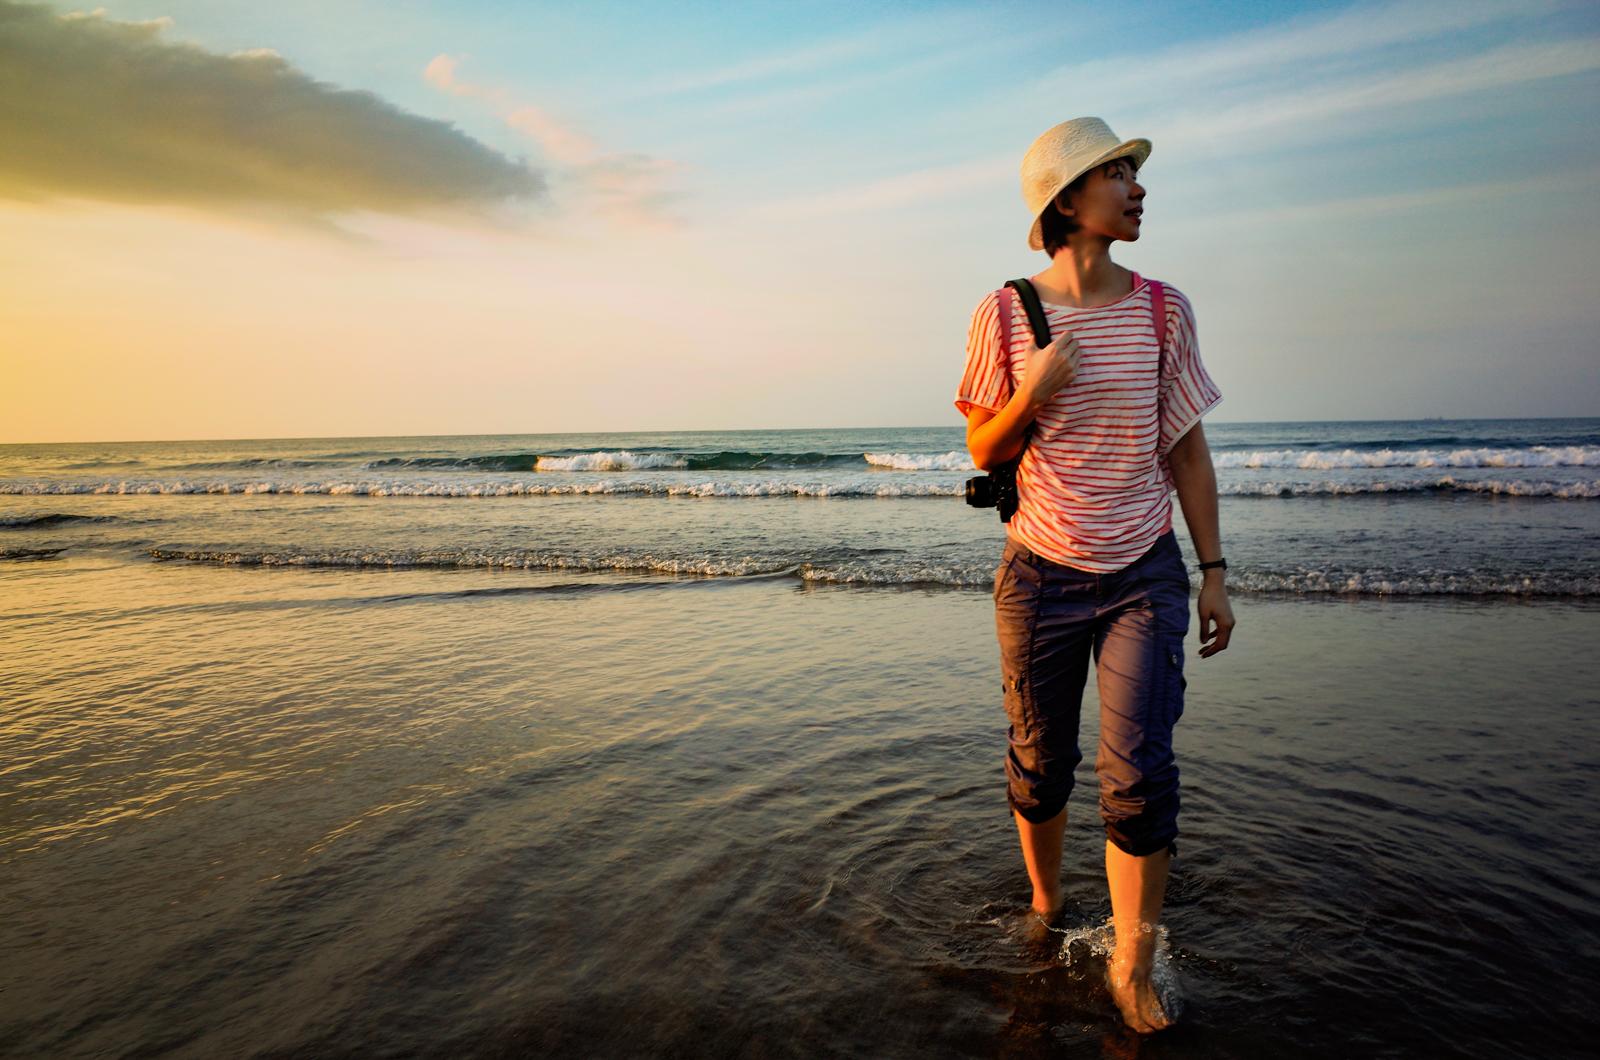 台北風景 · 白沙灣海水浴場 | 關於 Ricoh GR 的設定講解